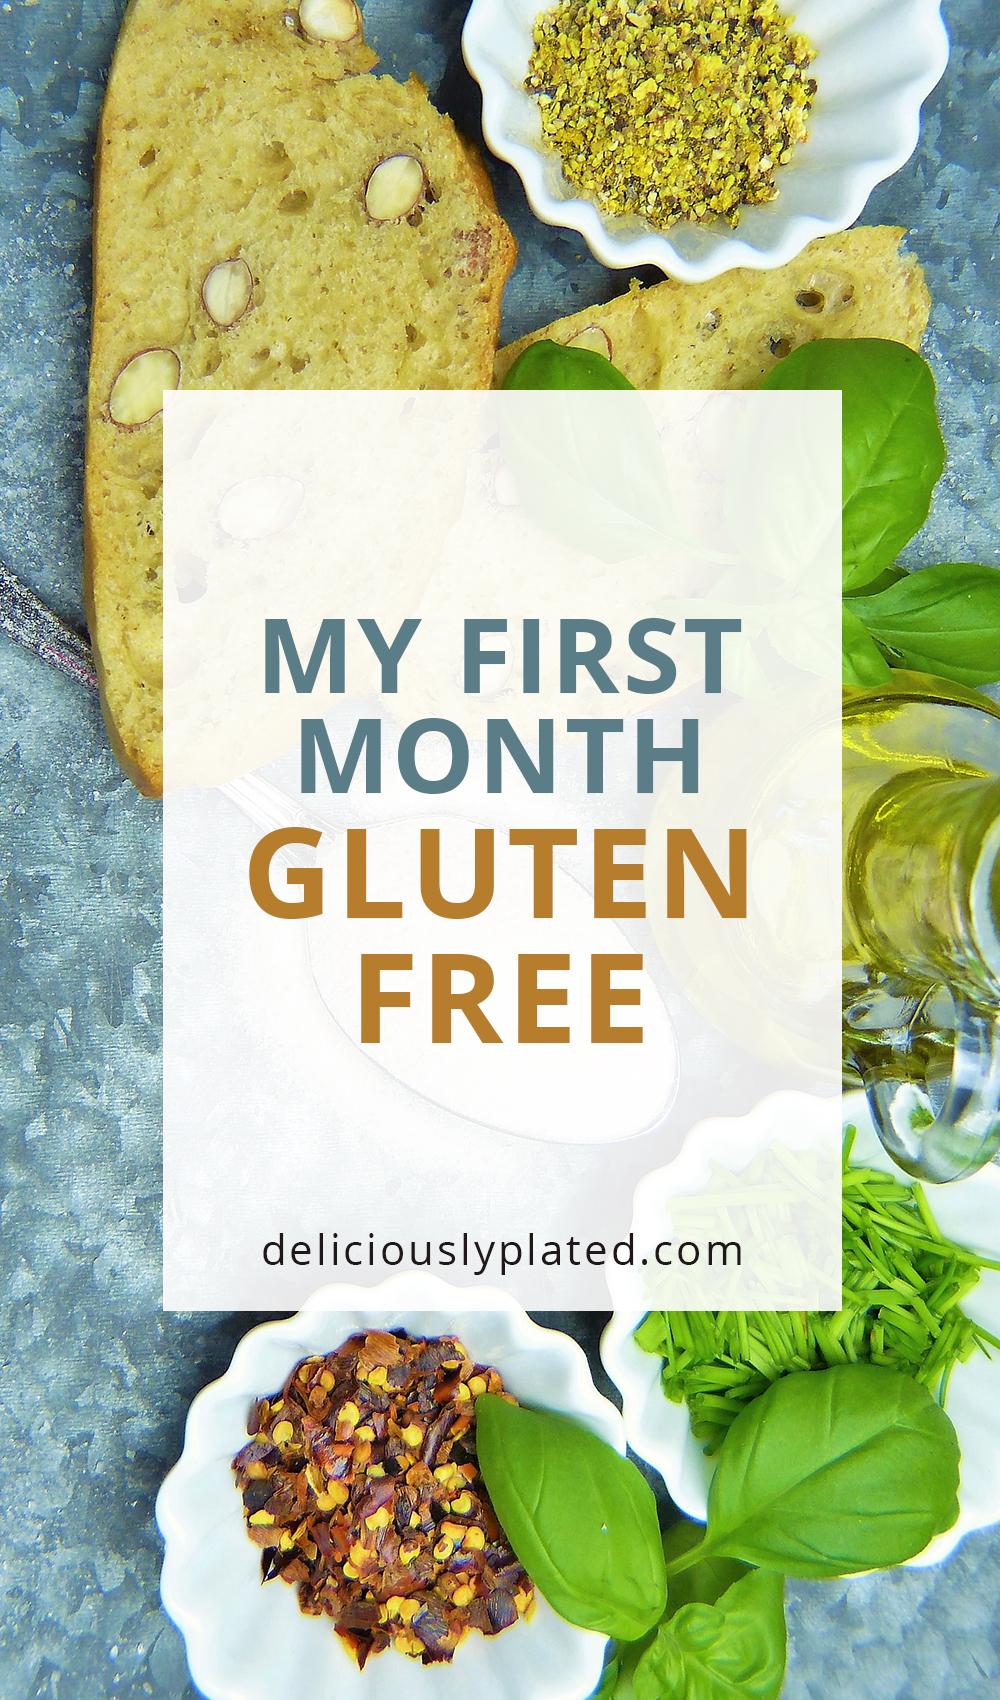 First Month GLuten Free